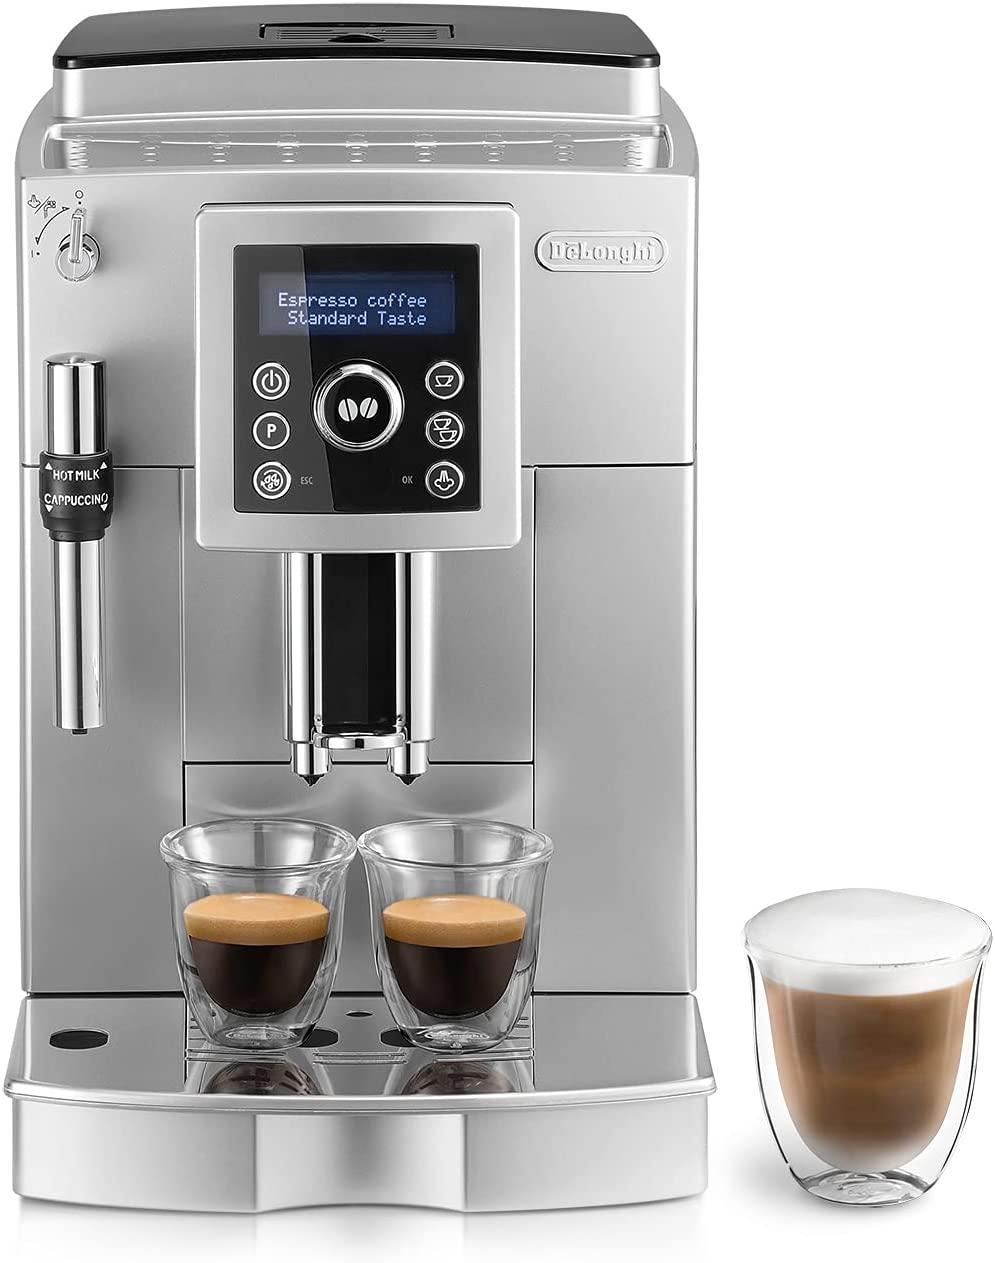 De'longhi ECAM 23.420.SB - Cafetera Superautomática 15 Bares de Presión, Espresso y Cappuccino, Depósito de Agua Extraíble 1.8 l, Panel LCD, Dispensador de Café Ajustable, Limpieza Automática